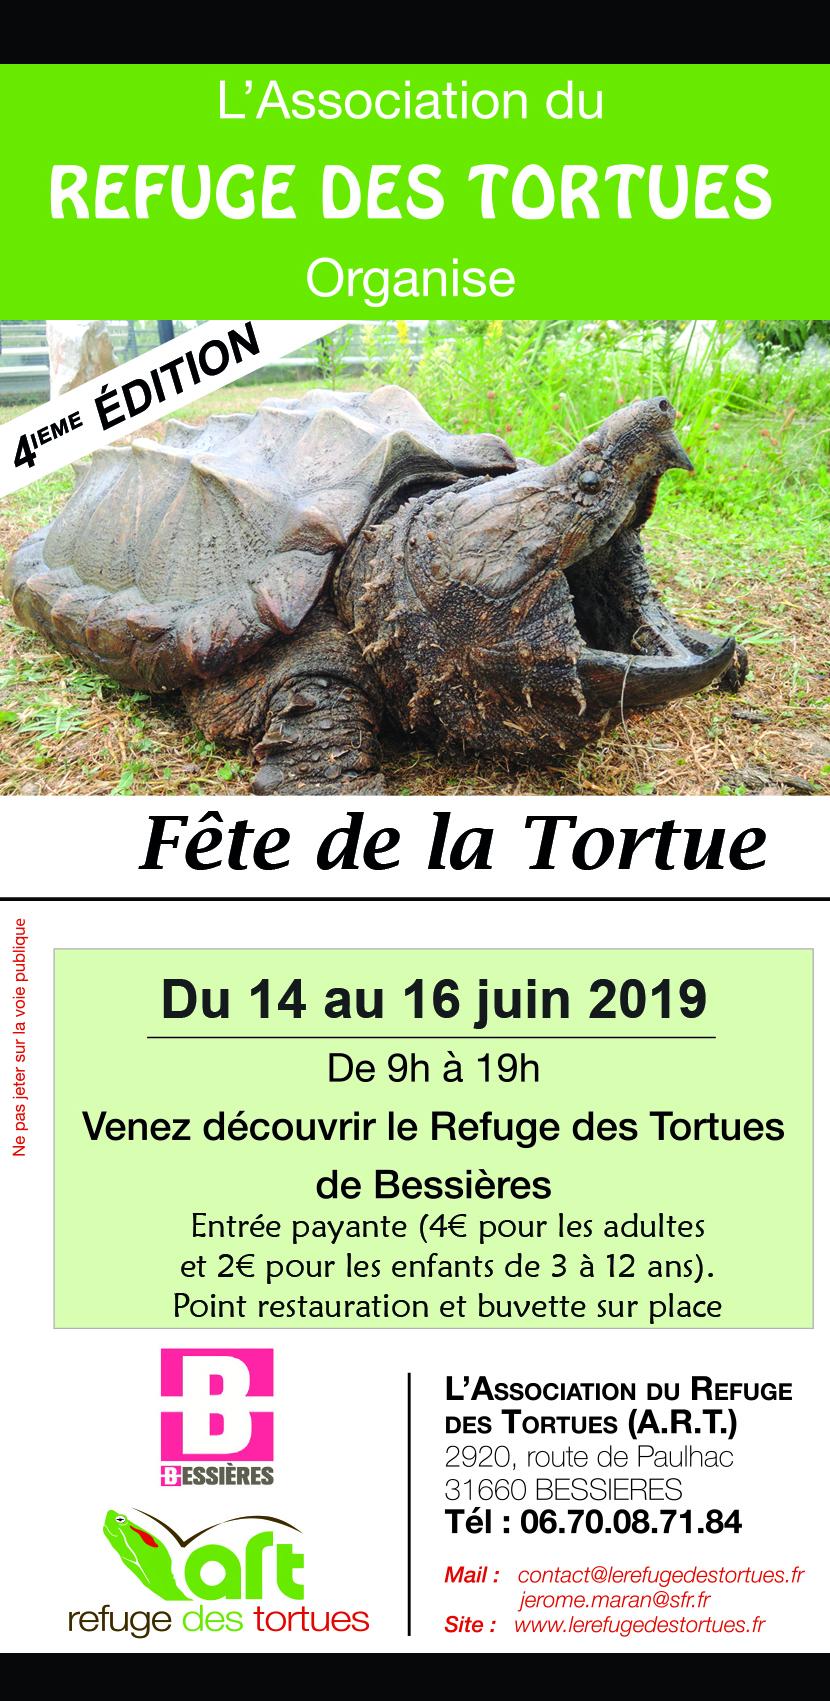 Bessières fête les tortues